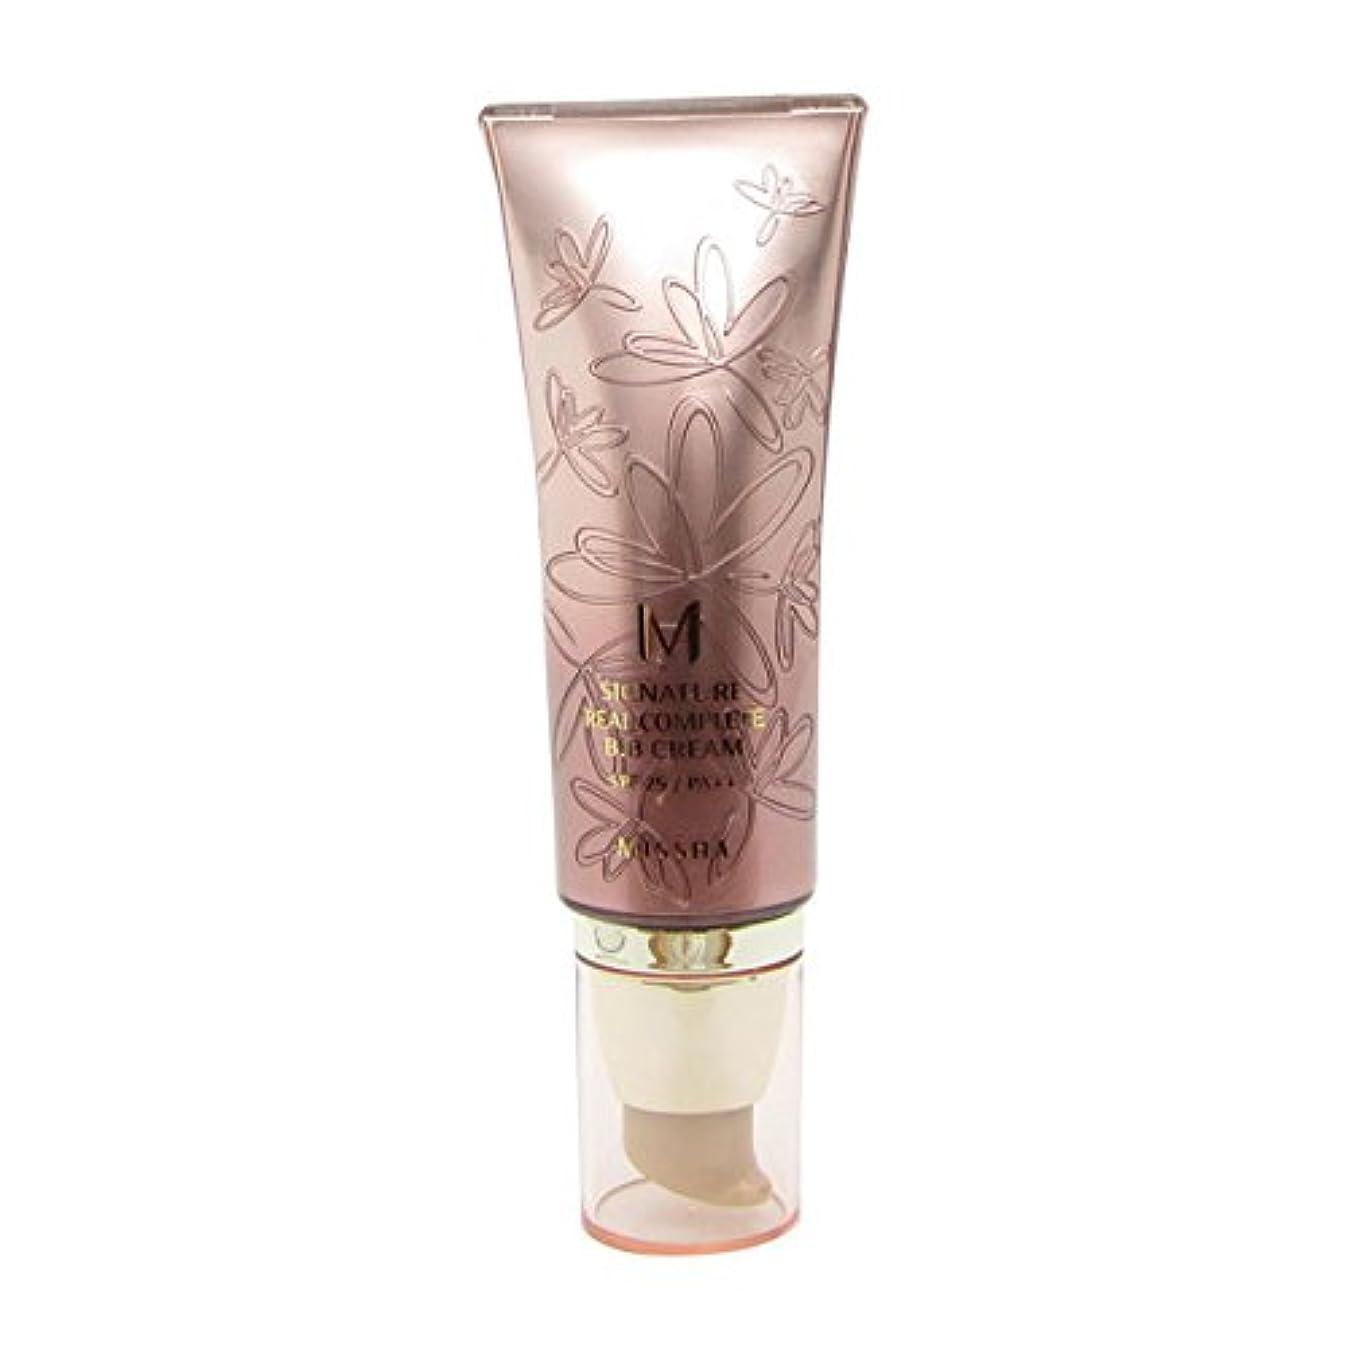 ペック鑑定絶滅Missha Signature Real Complete Bb Cream Fps25/pa++ No.13 Light Milky Beige 45g [並行輸入品]